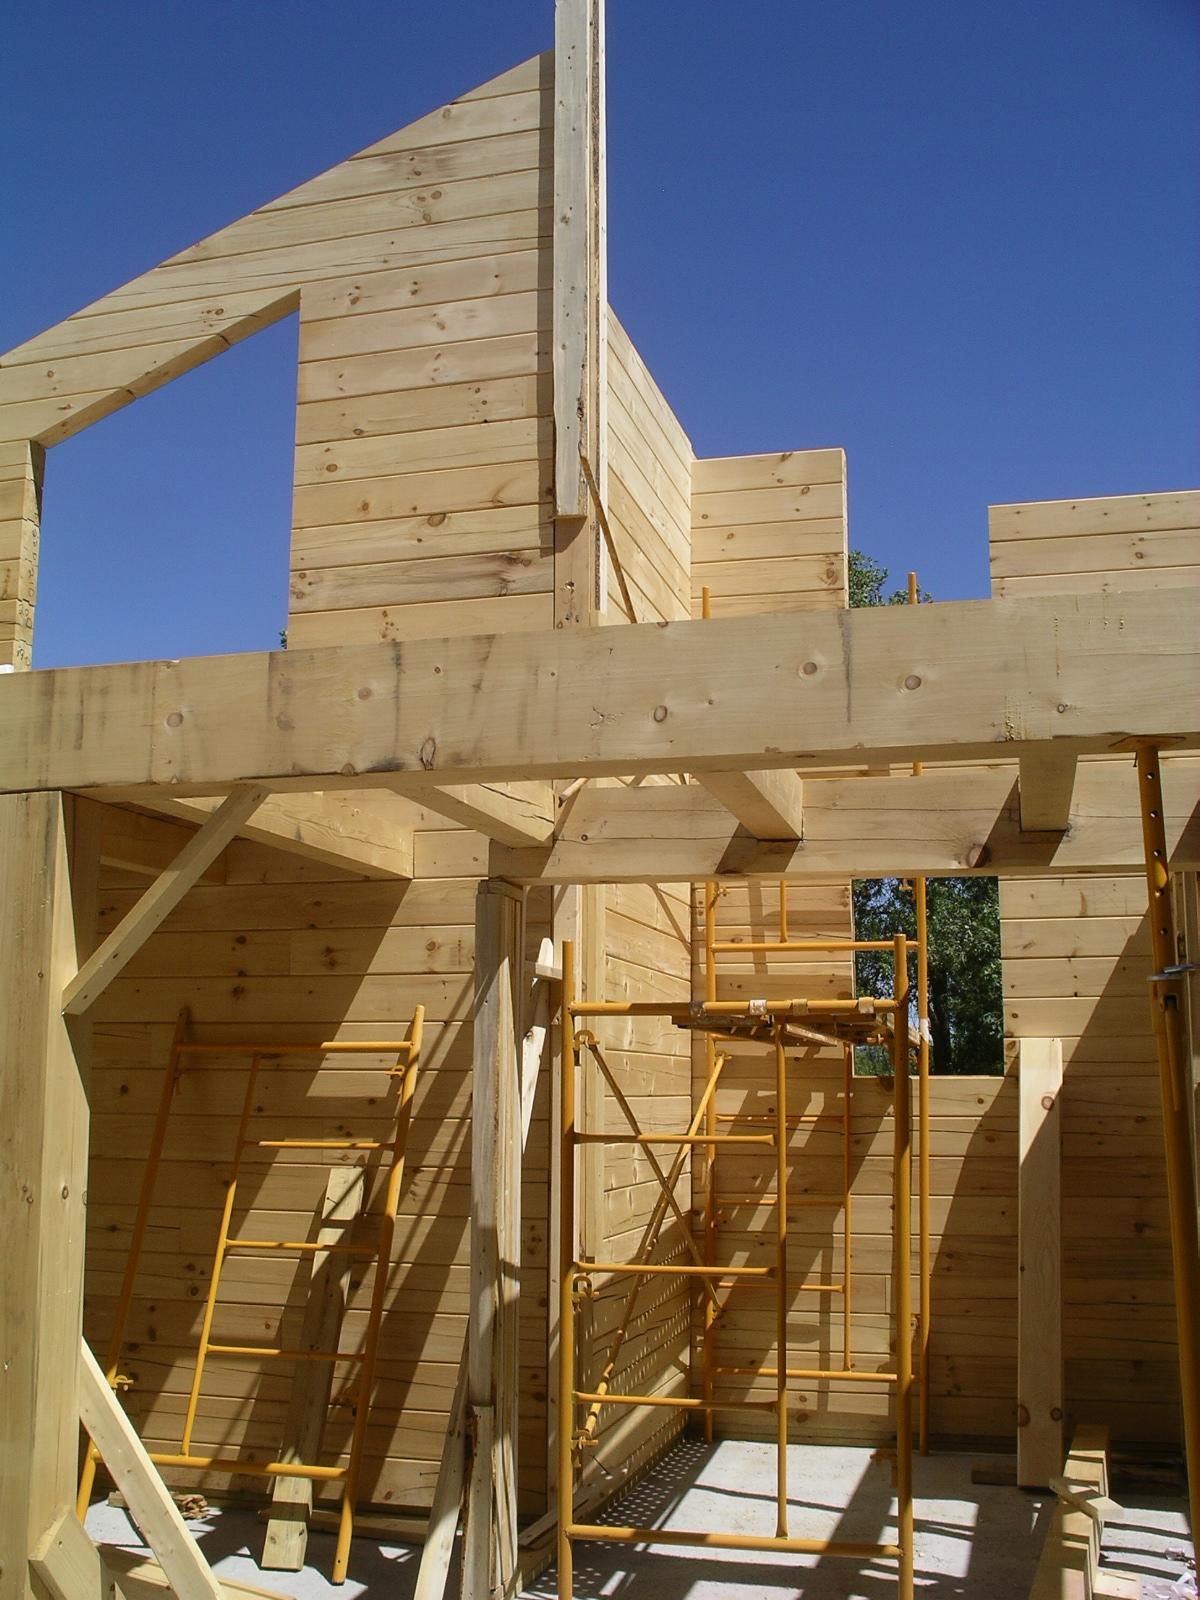 Montadores de casas de madera grupos - Casas de madera zaragoza ...